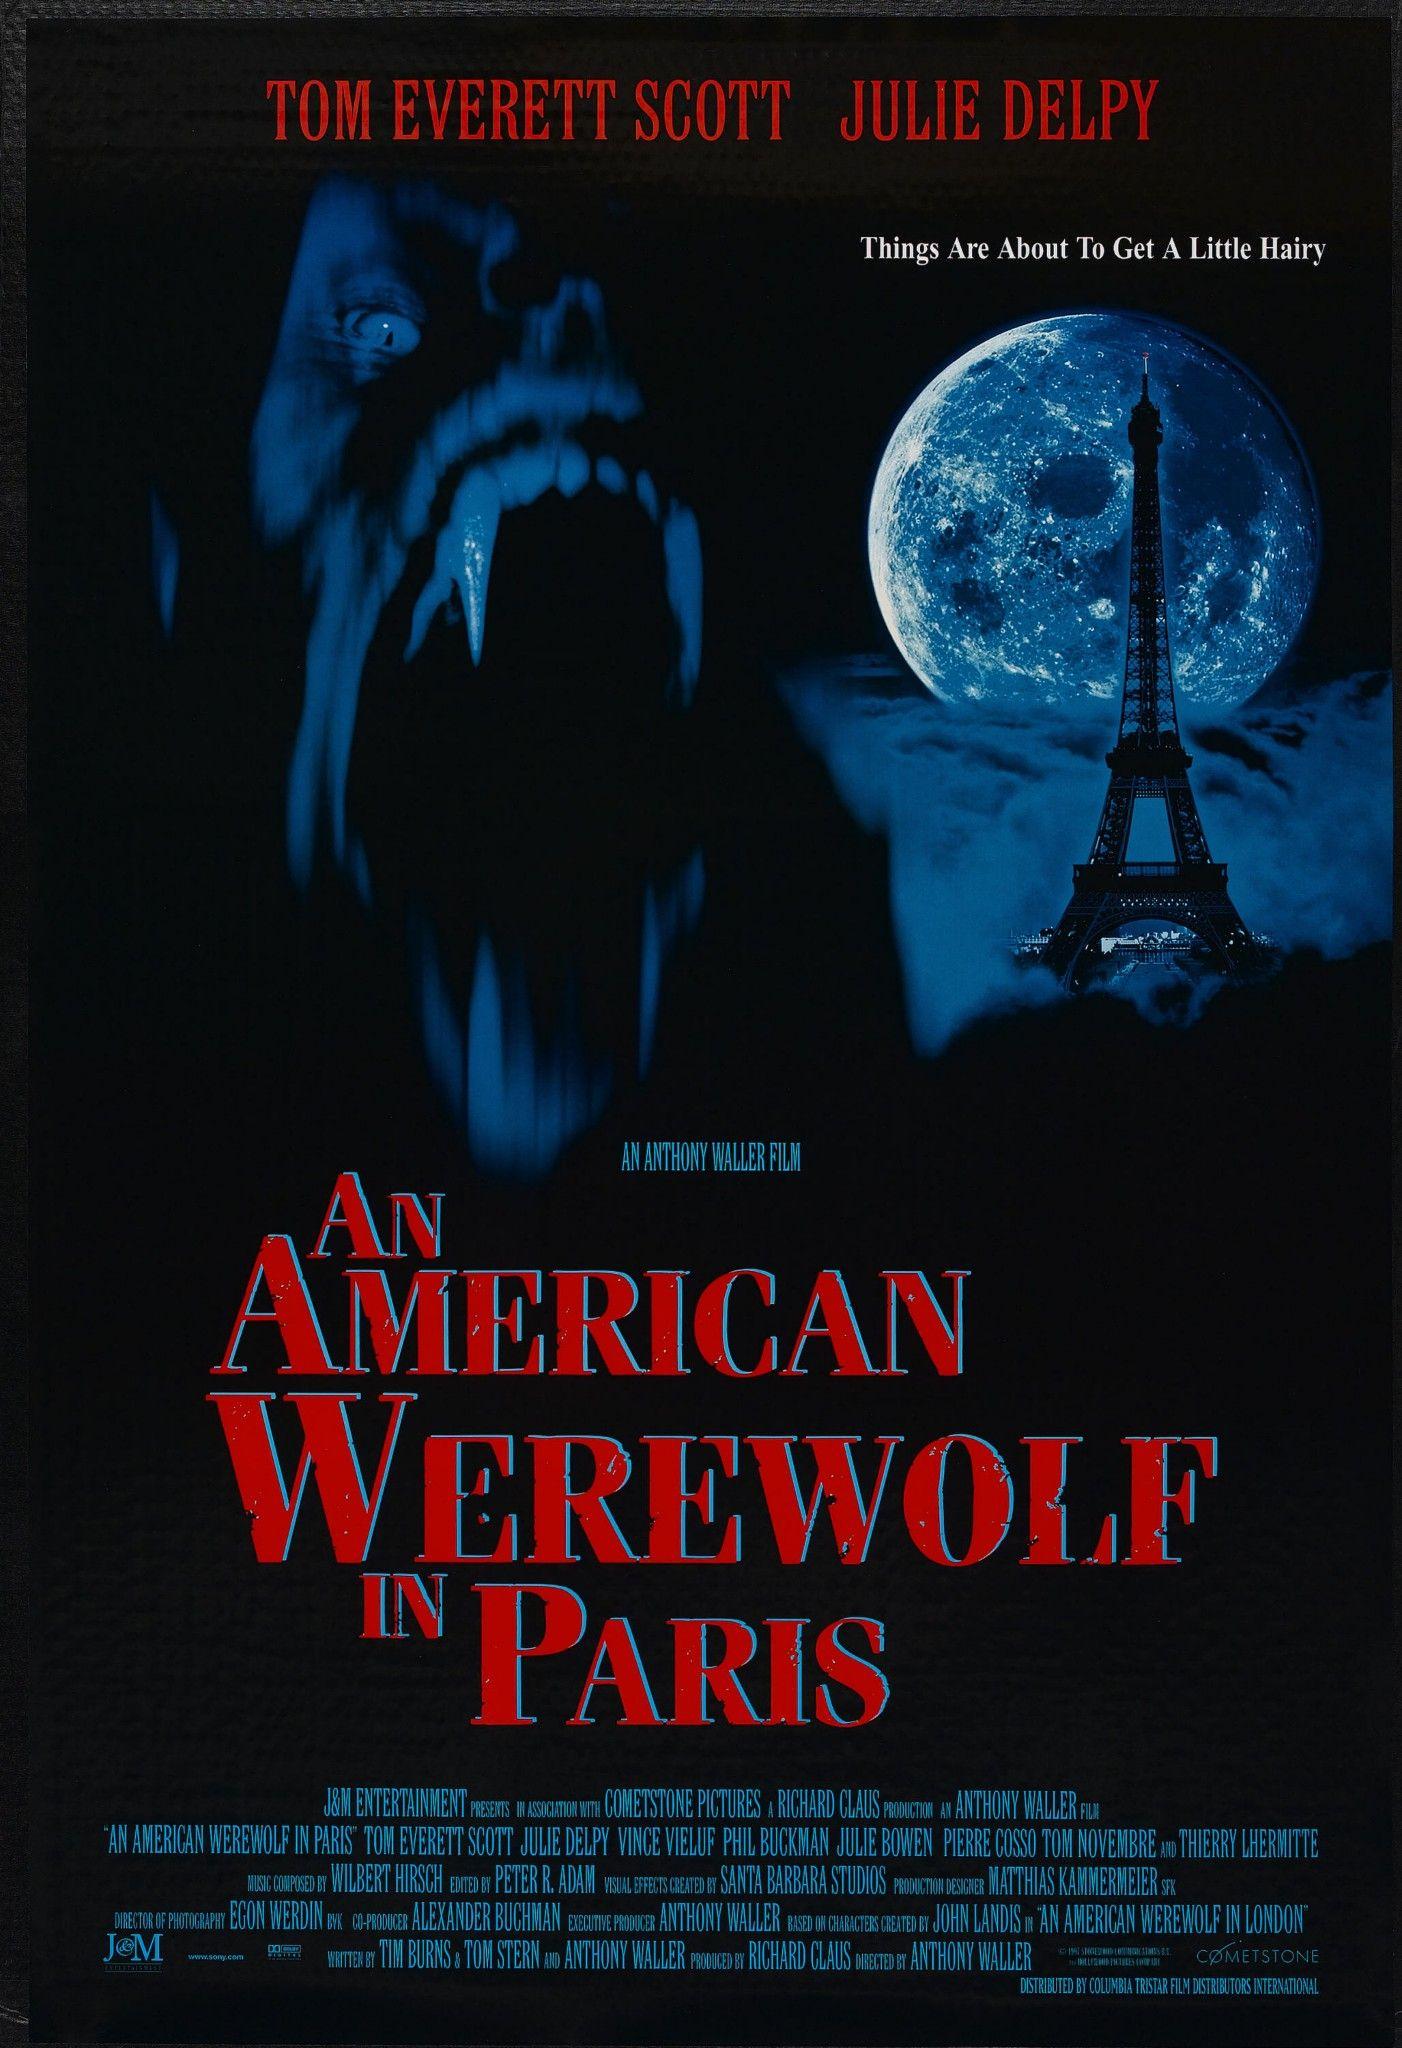 AN AMERICAN WEREWOLF IN PARIS (1997) | Paris poster, Werewolf ...